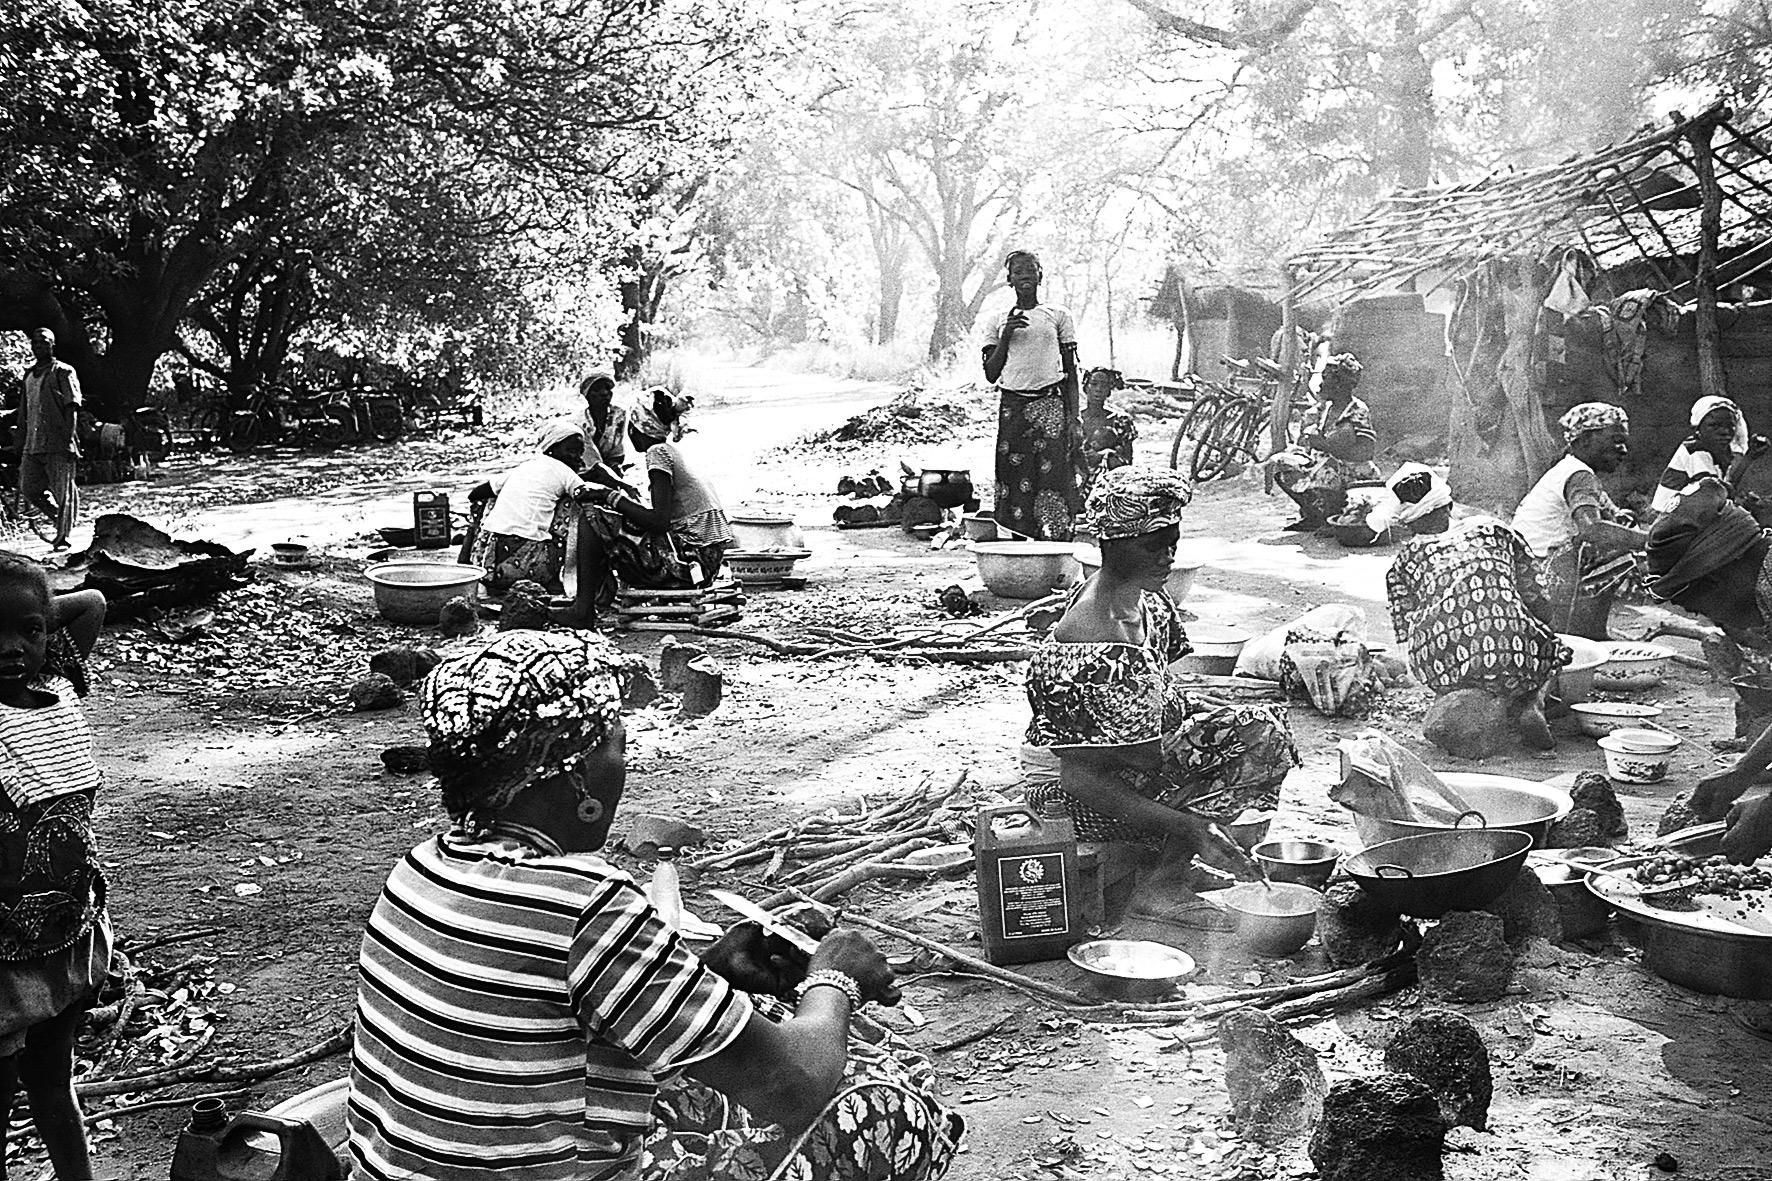 #Afrique 2. Burkina Faso, Banfora. 2010